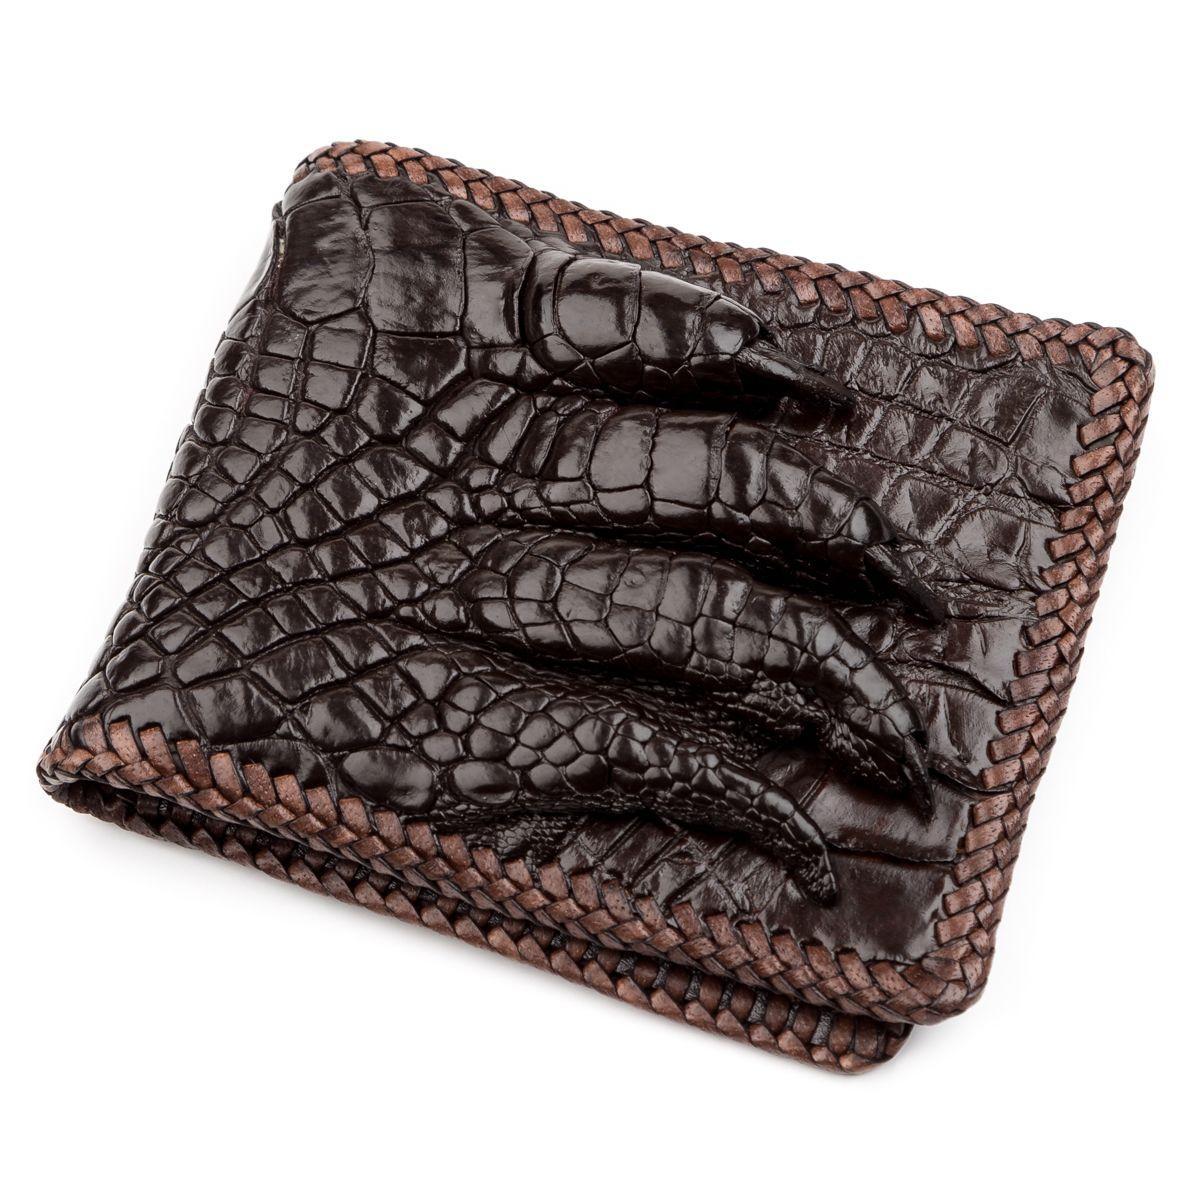 Портмоне CROCODILE LEATHER 18229 из натуральной кожи крокодила Коричневый